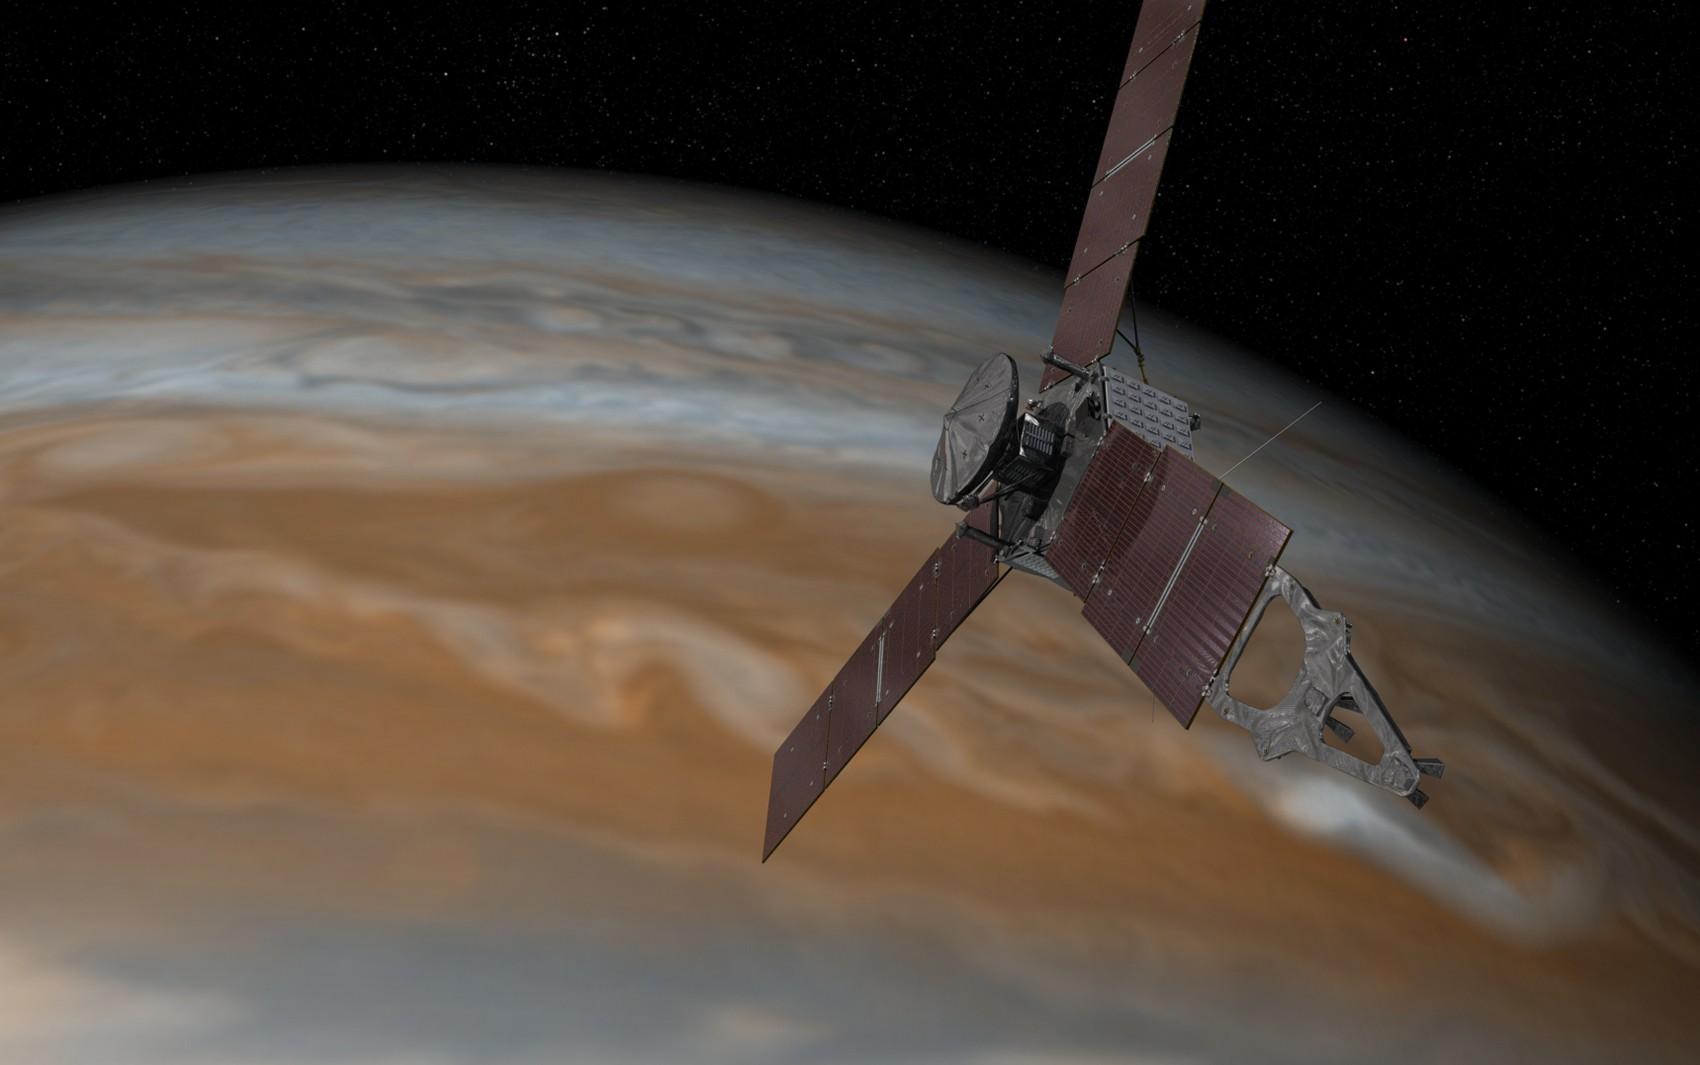 Concepção artística da sonda Juno passando por Jupiter